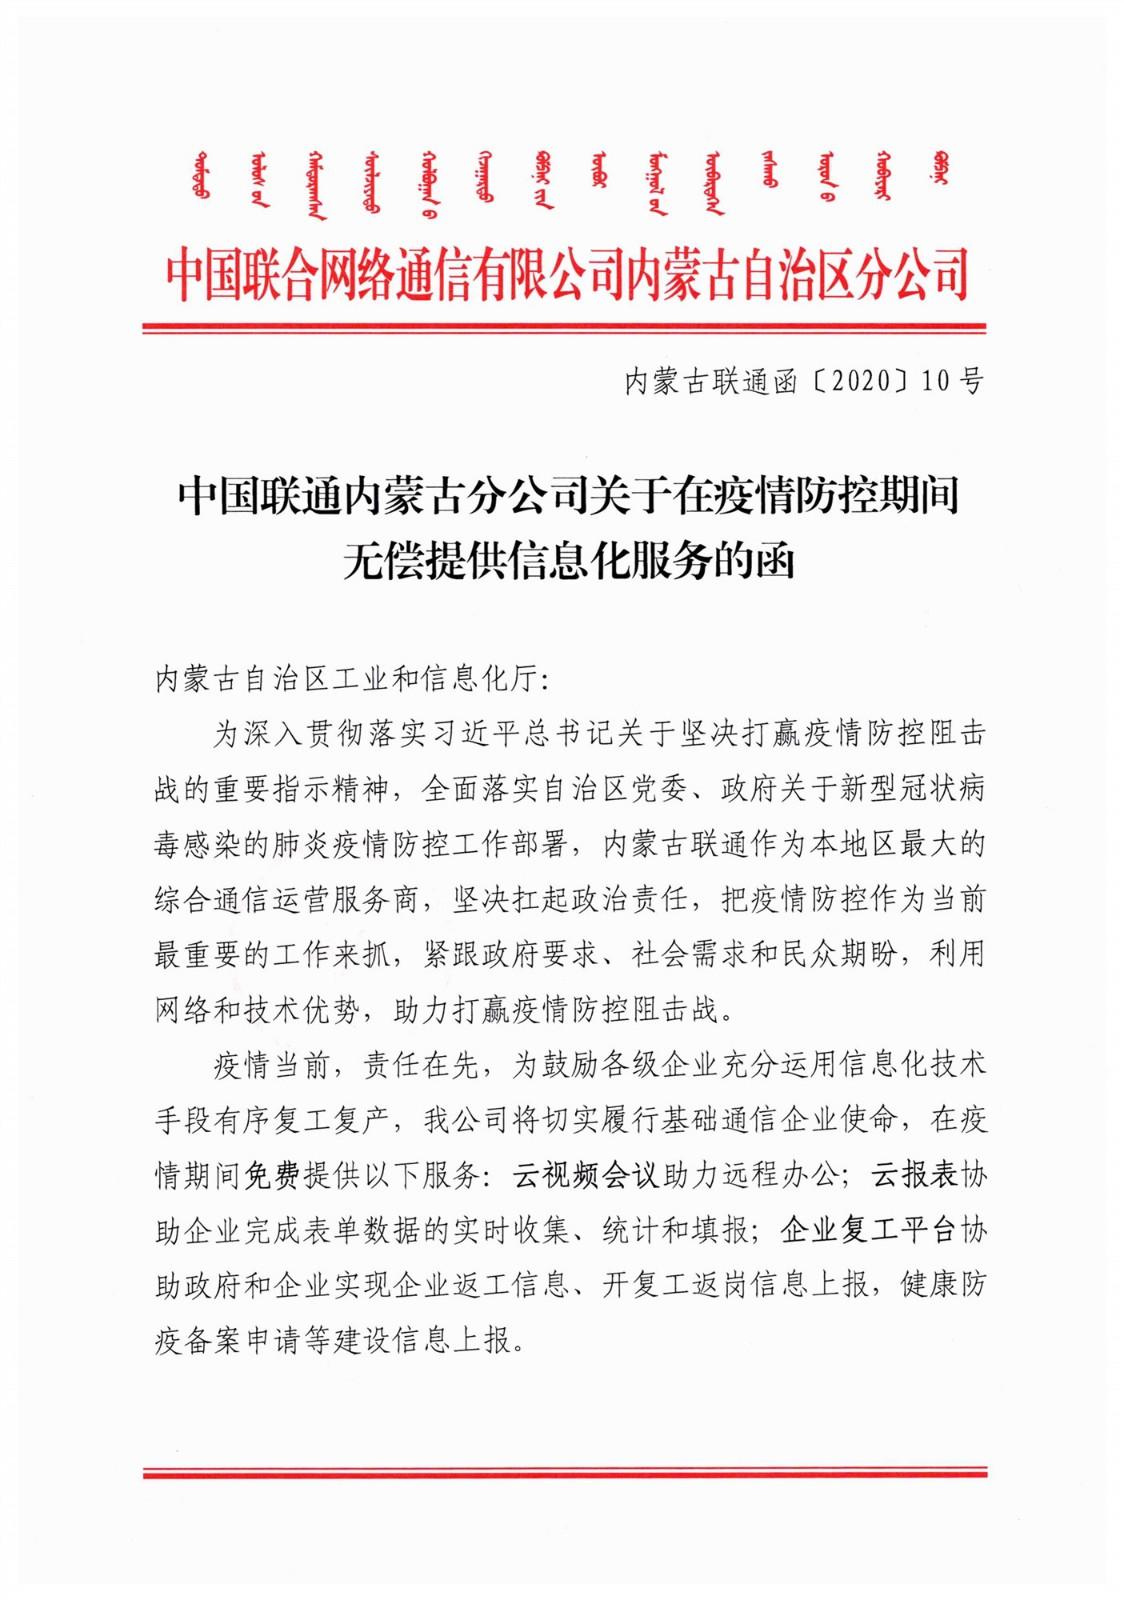 中国联通内蒙古分公司关于在疫情防控期间无偿提供信息化服务的函_1_副本.jpg